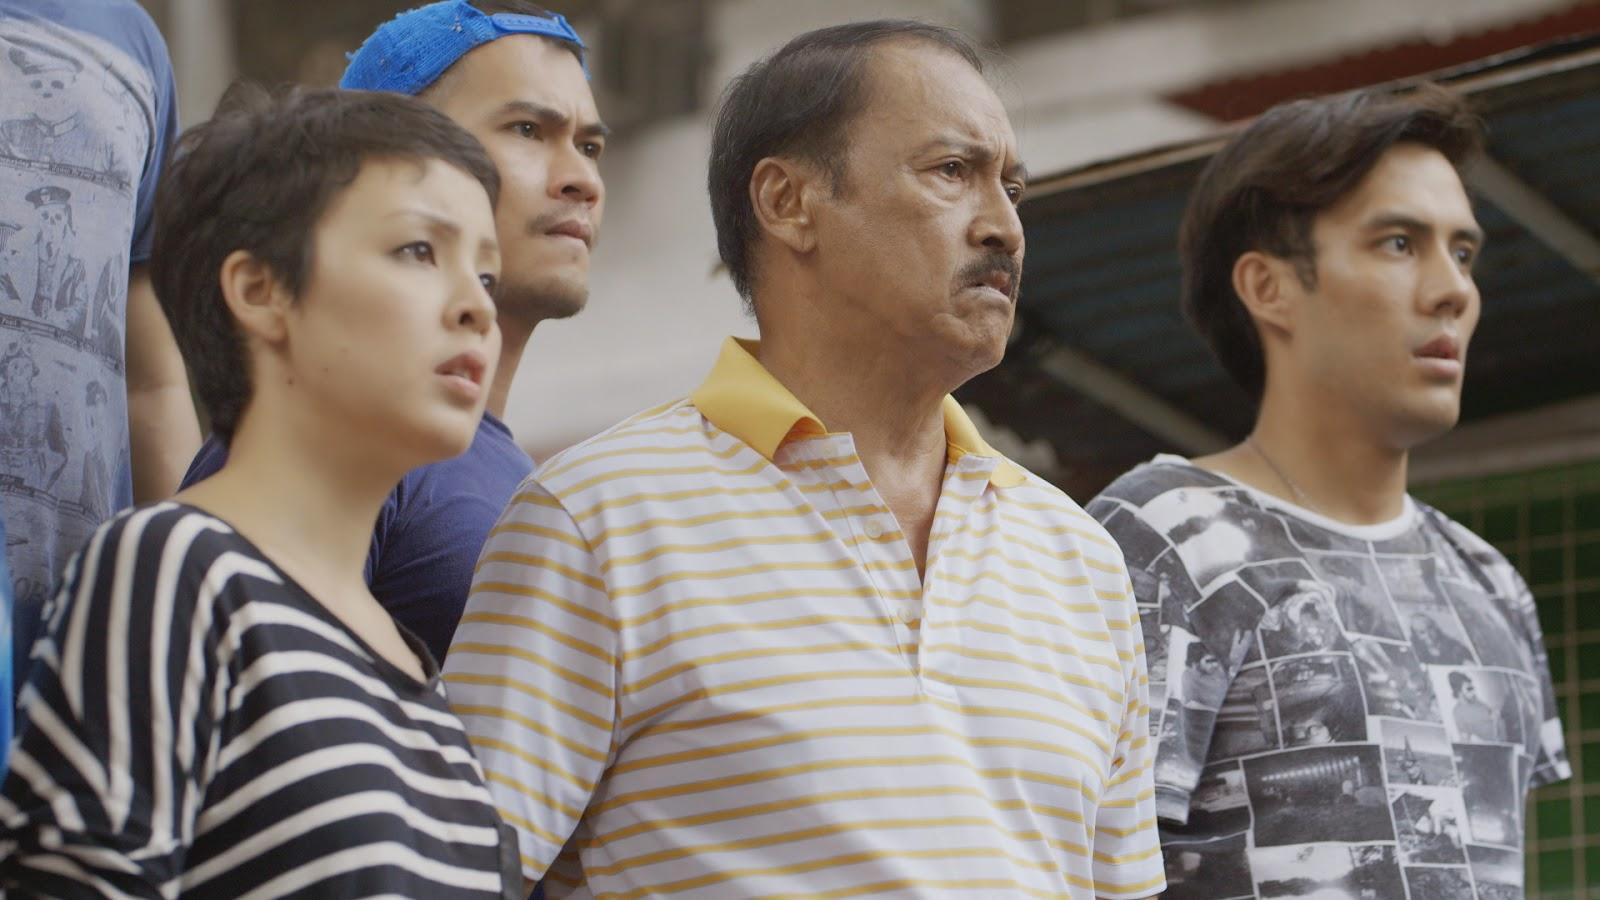 Hari ng Tondo snapshot. 'Hari ng Tondo' directed by Carlos Diquion-Reyna